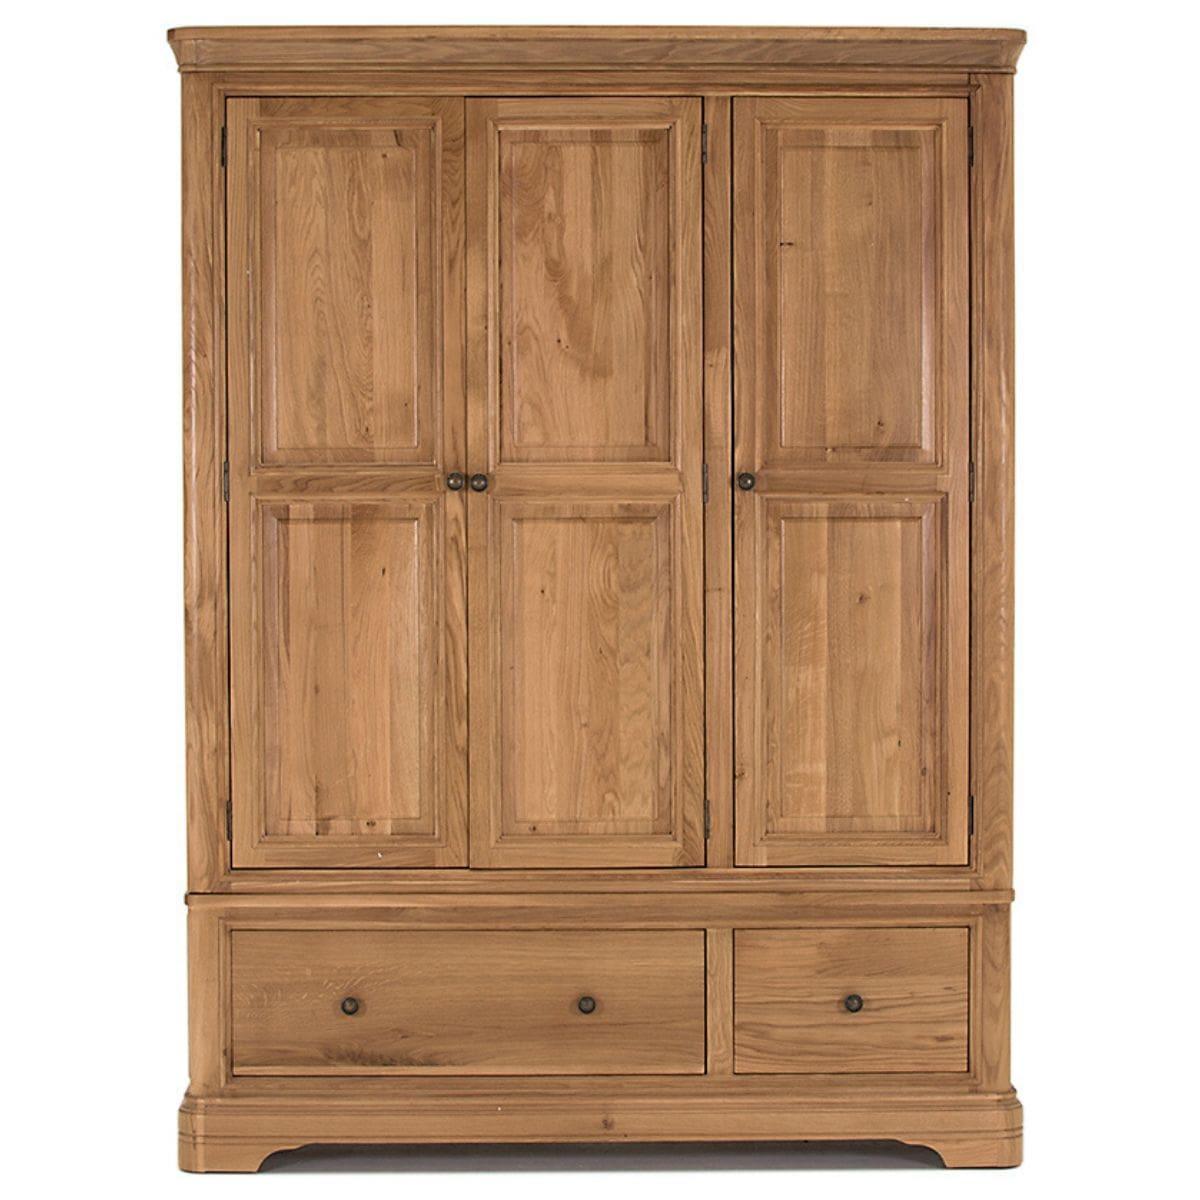 Oak Triple Wardrobe with Drawers